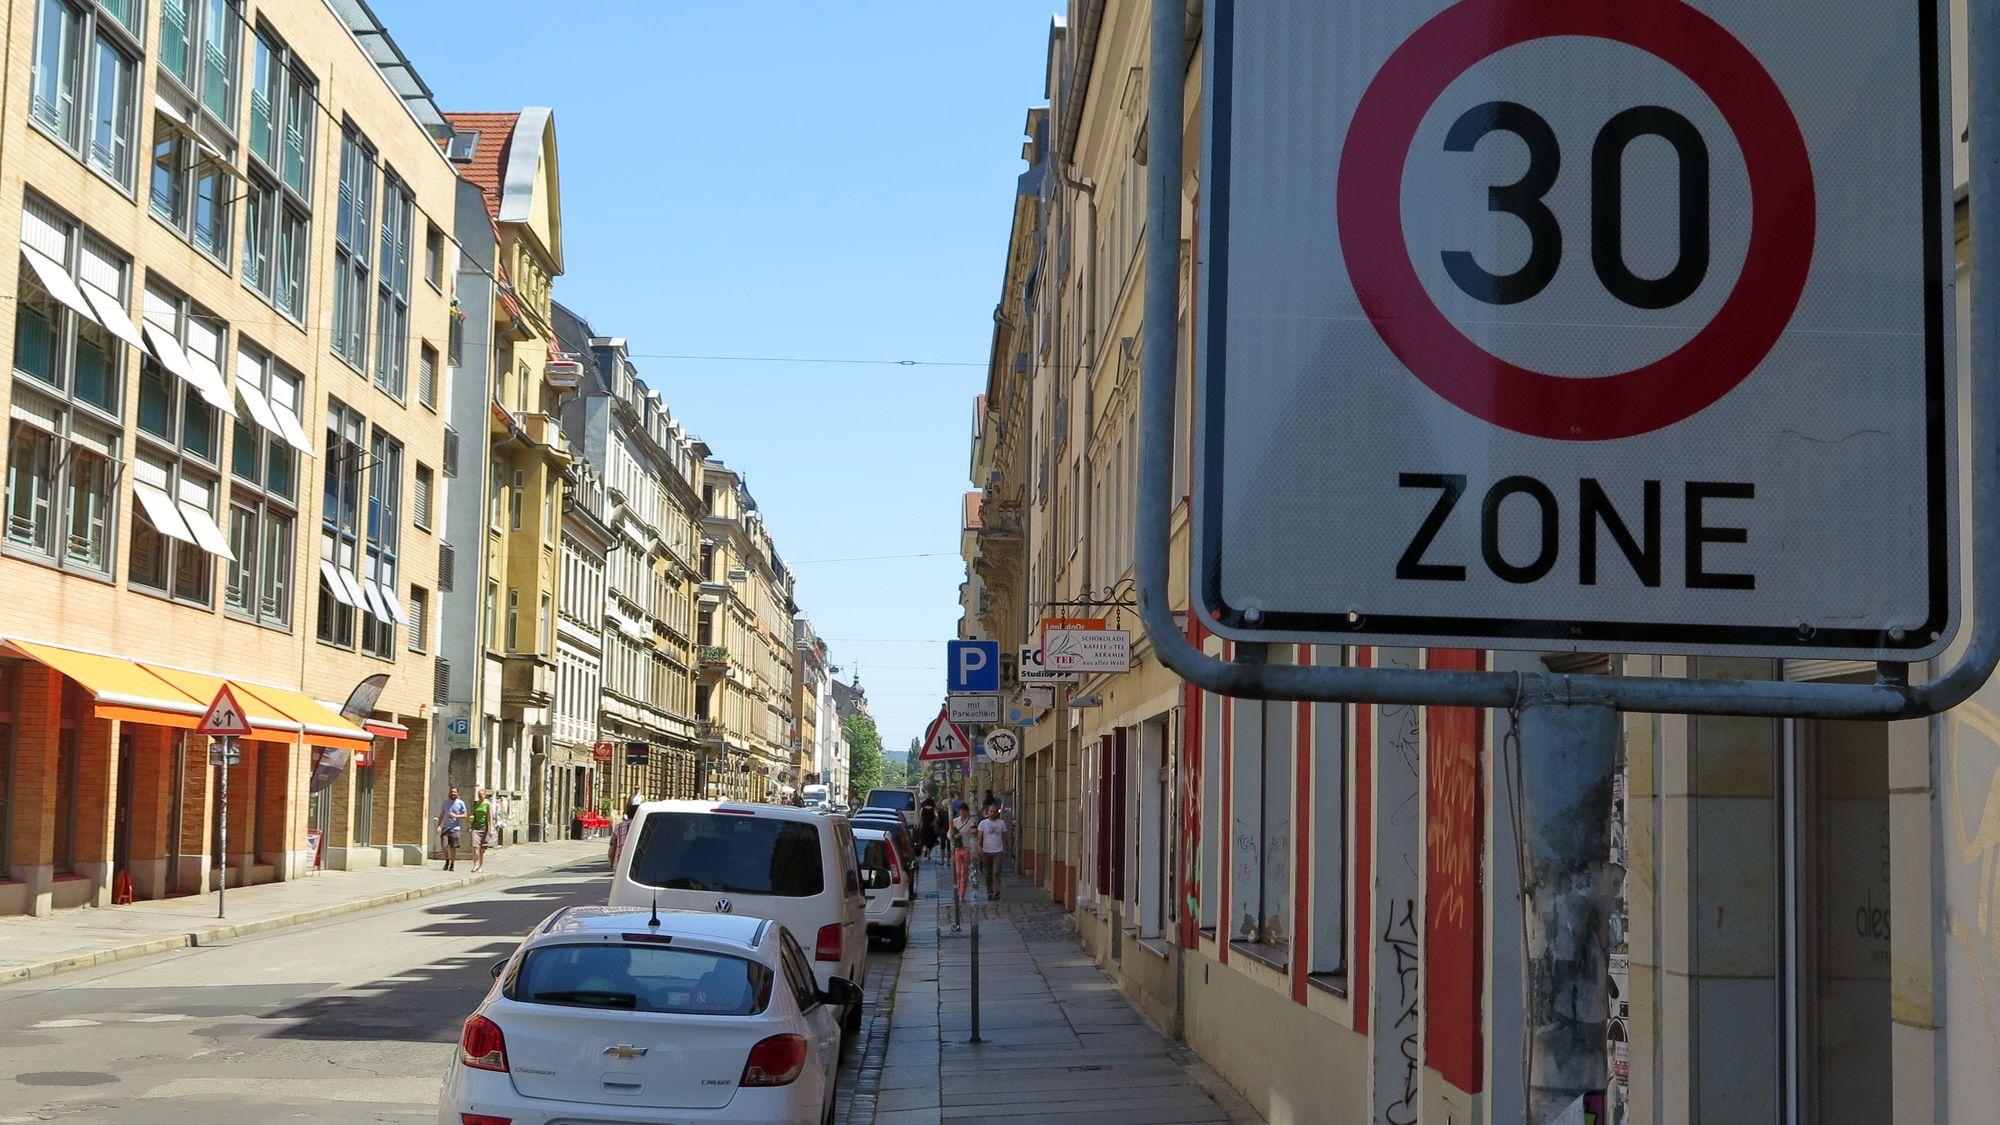 Wird bald um ein Drittel gesenkt: Tempo-30-Zone in der Neustadt.